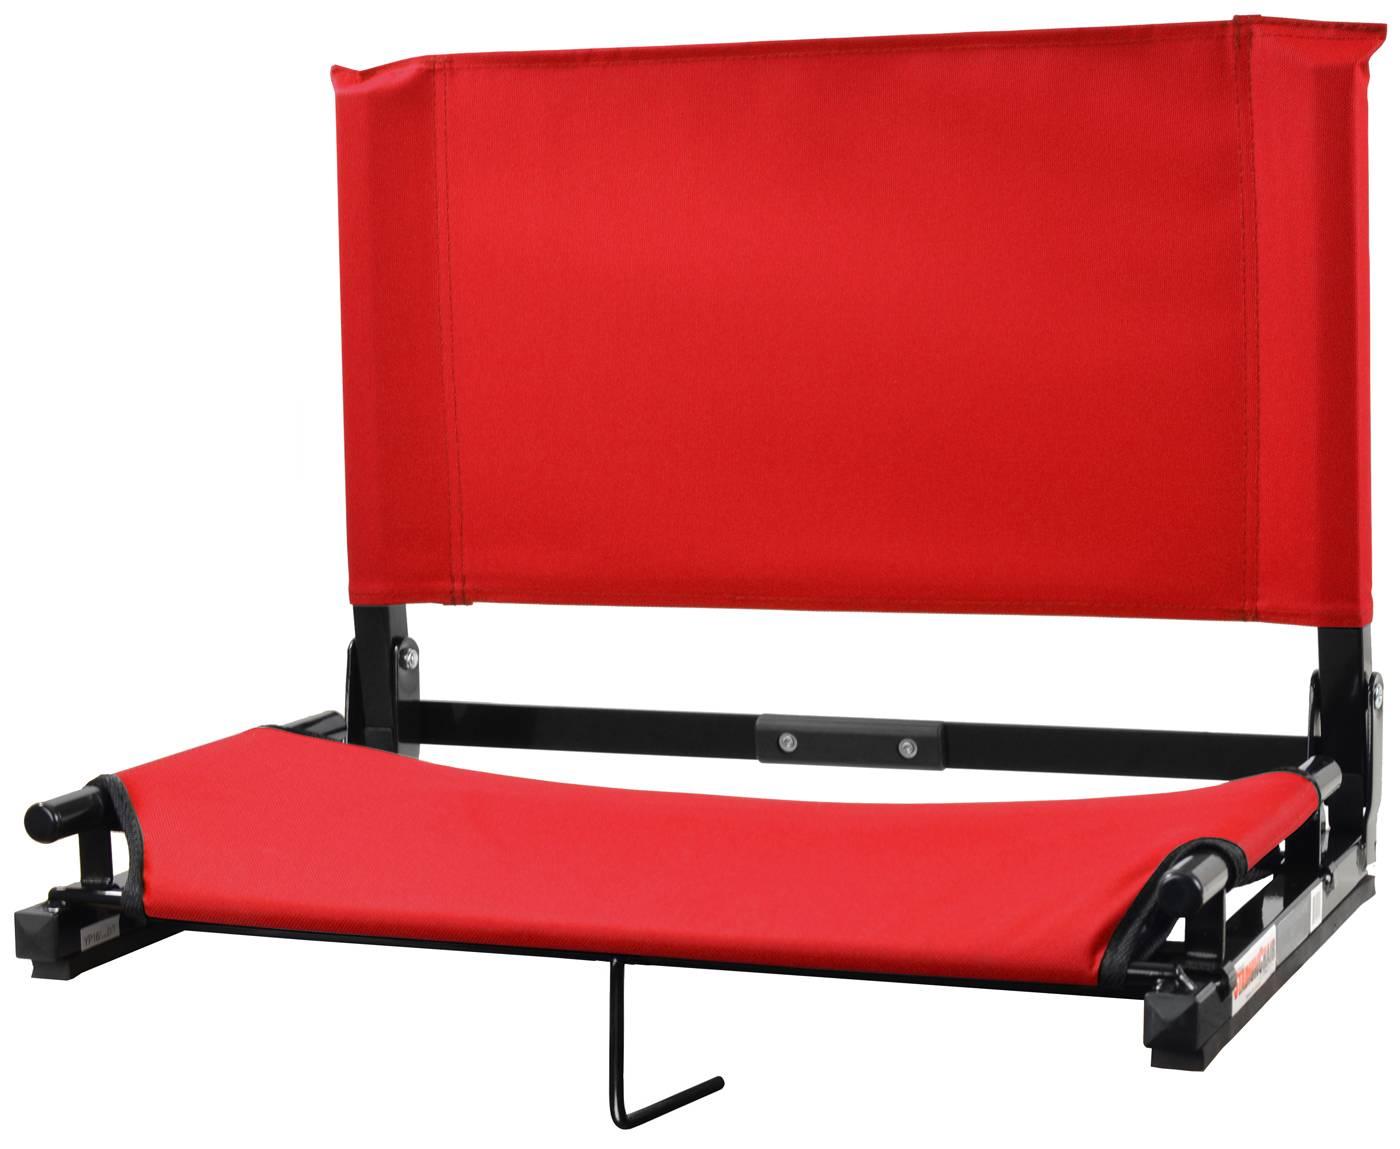 Patented Stadium Chair Wide Stadium Seat New  eBay